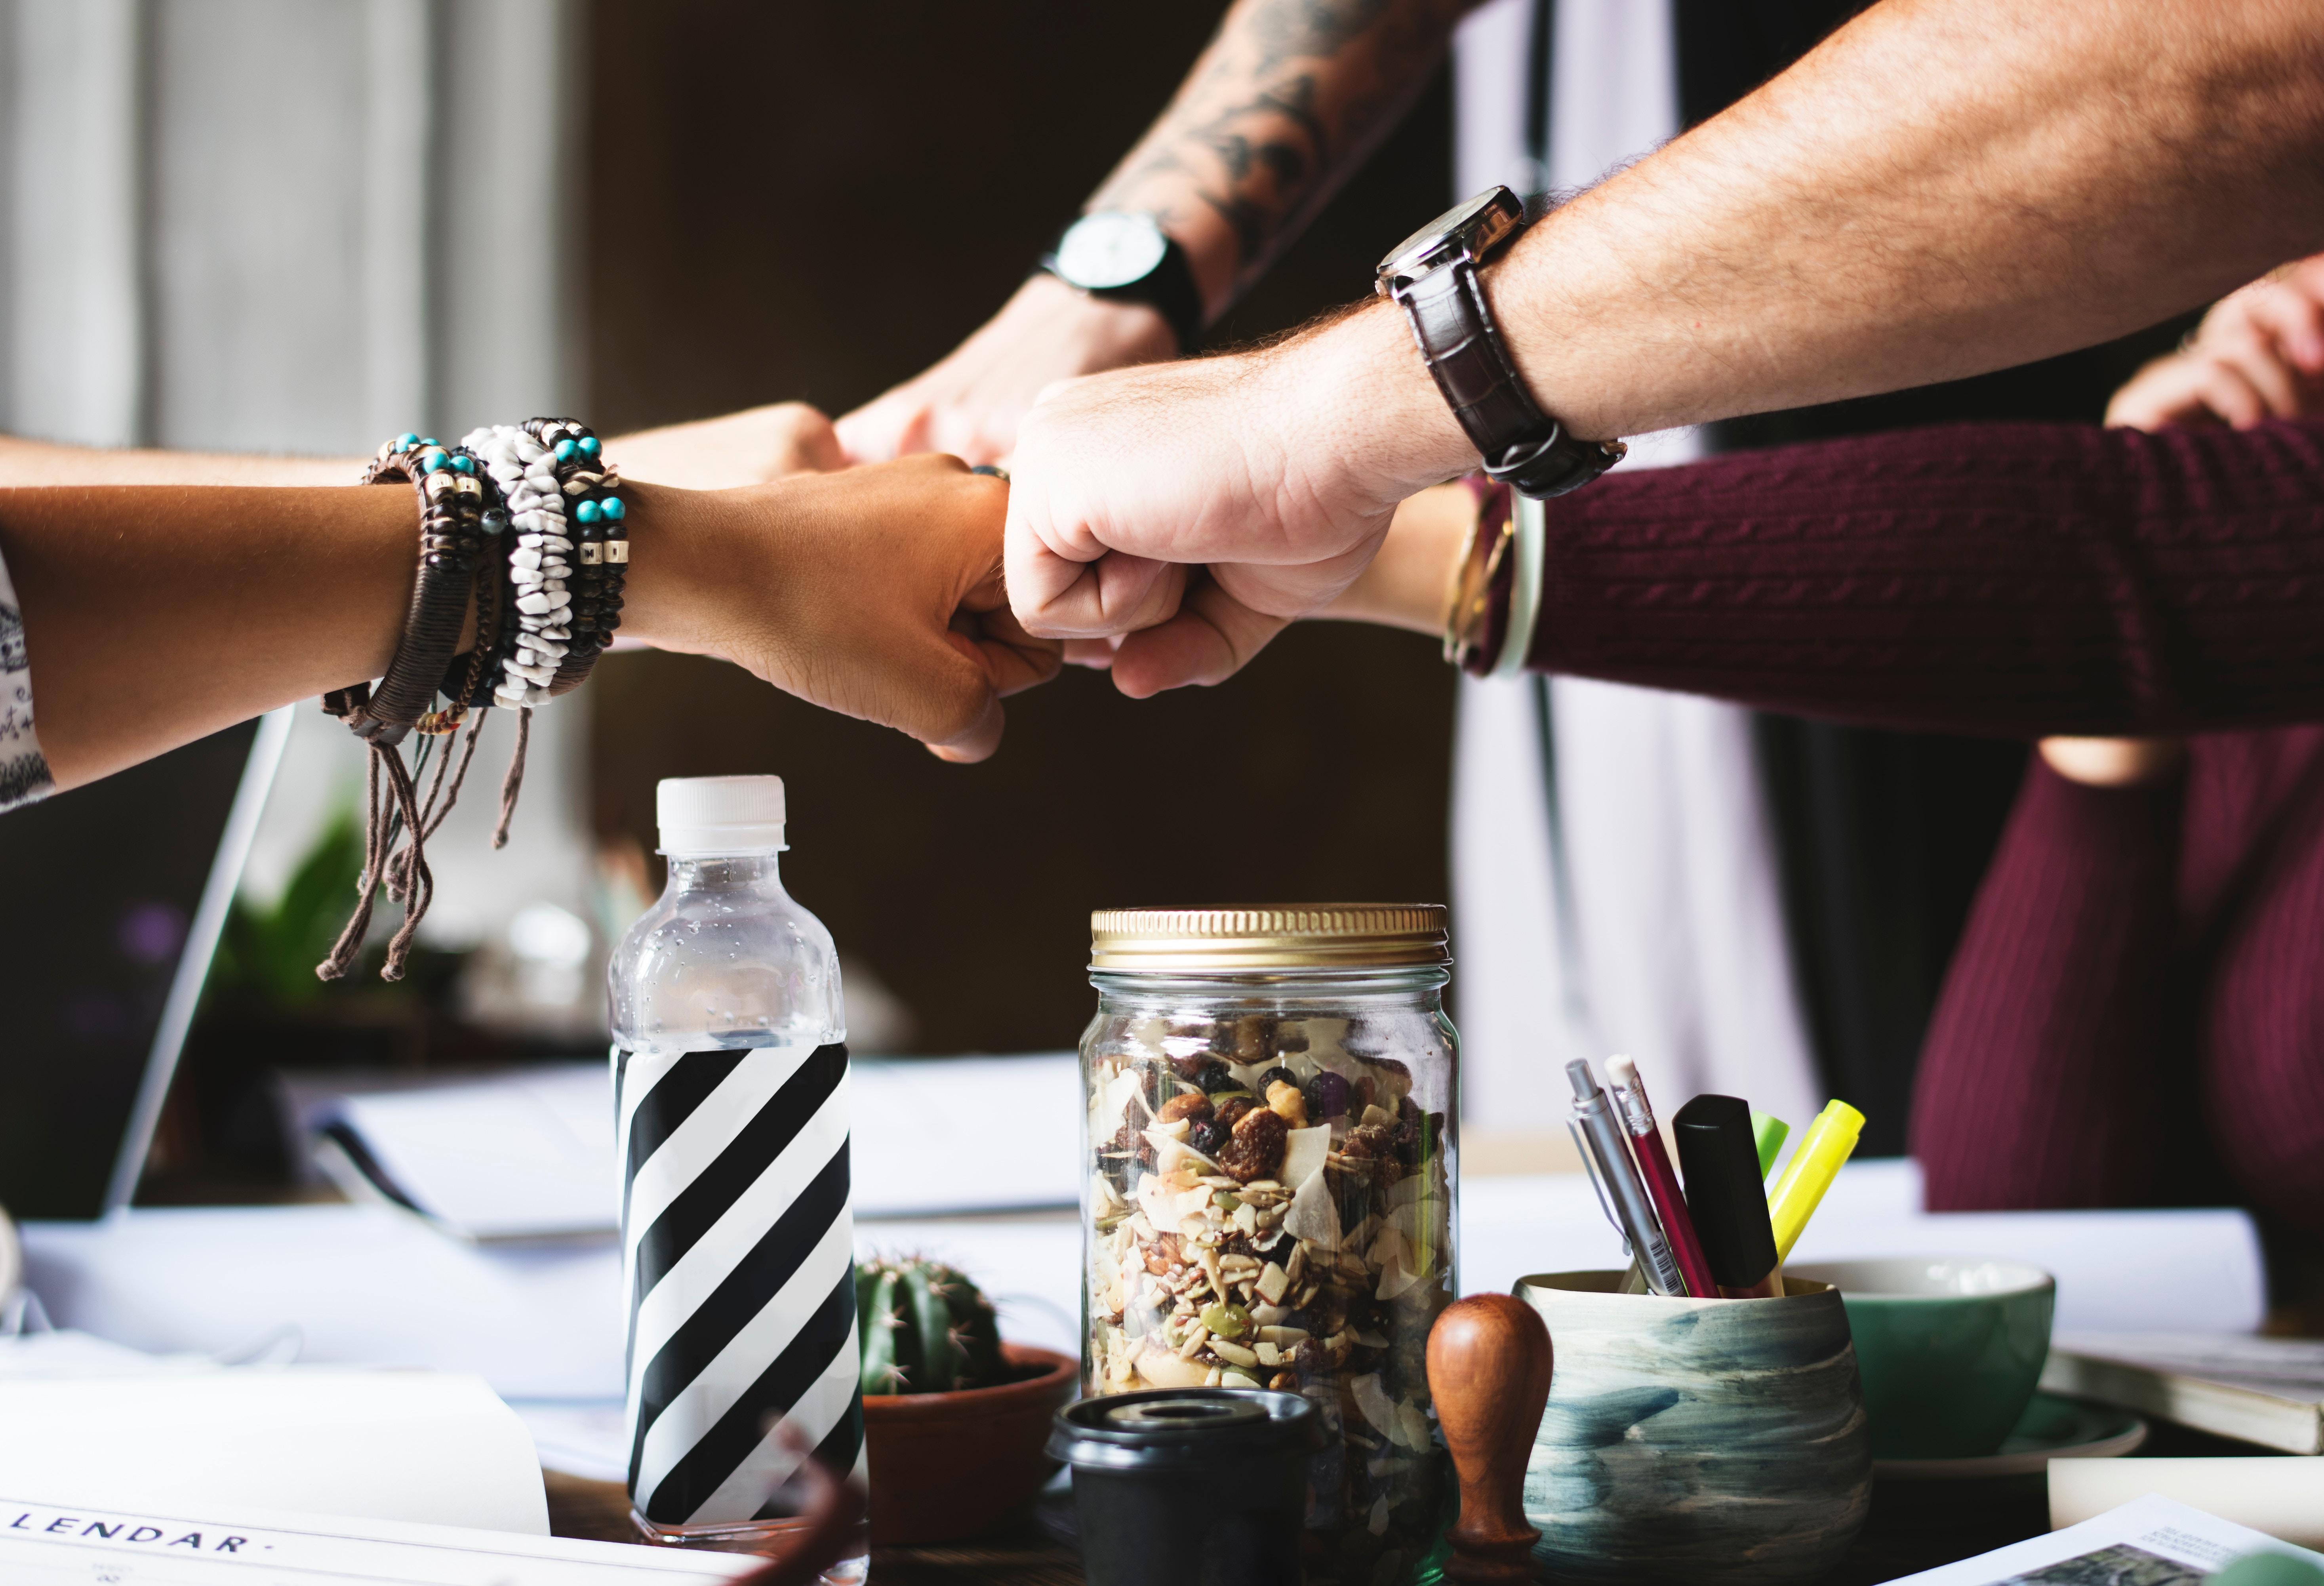 Engergiere dich ehrenamtlich und treffe spannende Menschen.